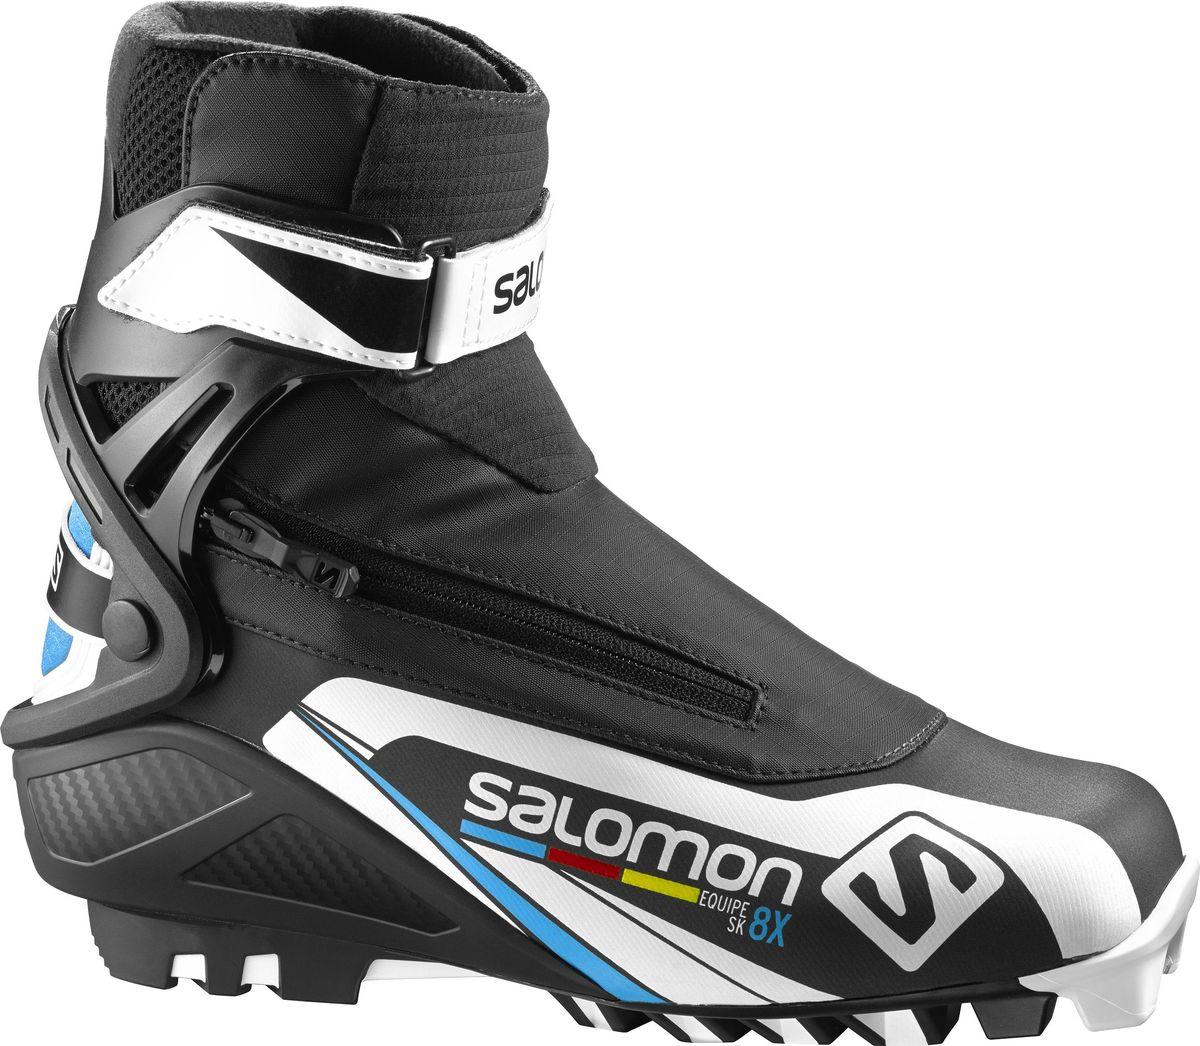 Ботинки для беговых лыж Salomon Equipe 8X Skate, цвет: черный. Размер 8 (40,5)L39187800В ботинках Equipe 8X Skate совмещены системы термоформовки Custom fit с инновационной раздельной системой быстрого шнурования для великолепного комфорта. Манжета Energyzer cuff обеспечит мощную и прогрессивную боковую поддержку. Для любителей лыжного спорта, ценящих рабочие характеристики и желающих приобрести ботинки по доступной цене.